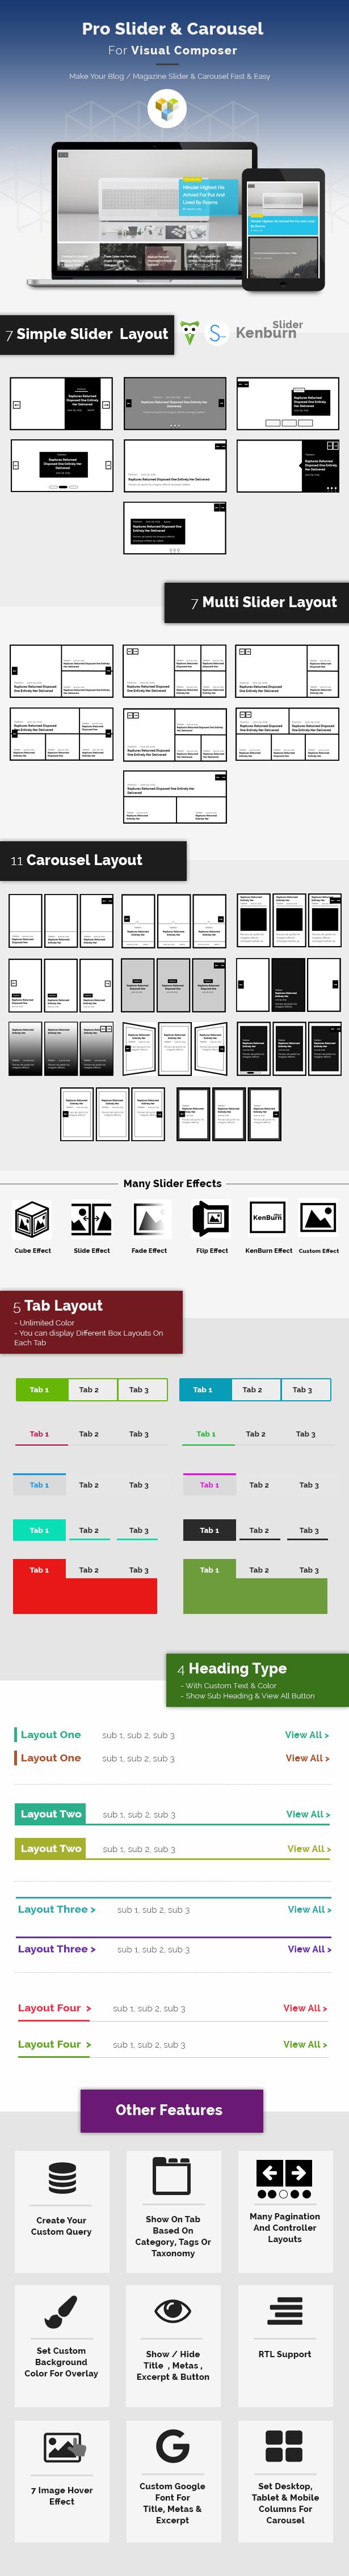 Pro Slider & Carousel Layout für Visual Composer: Erstaunlich Post & Custom Post anzeigen